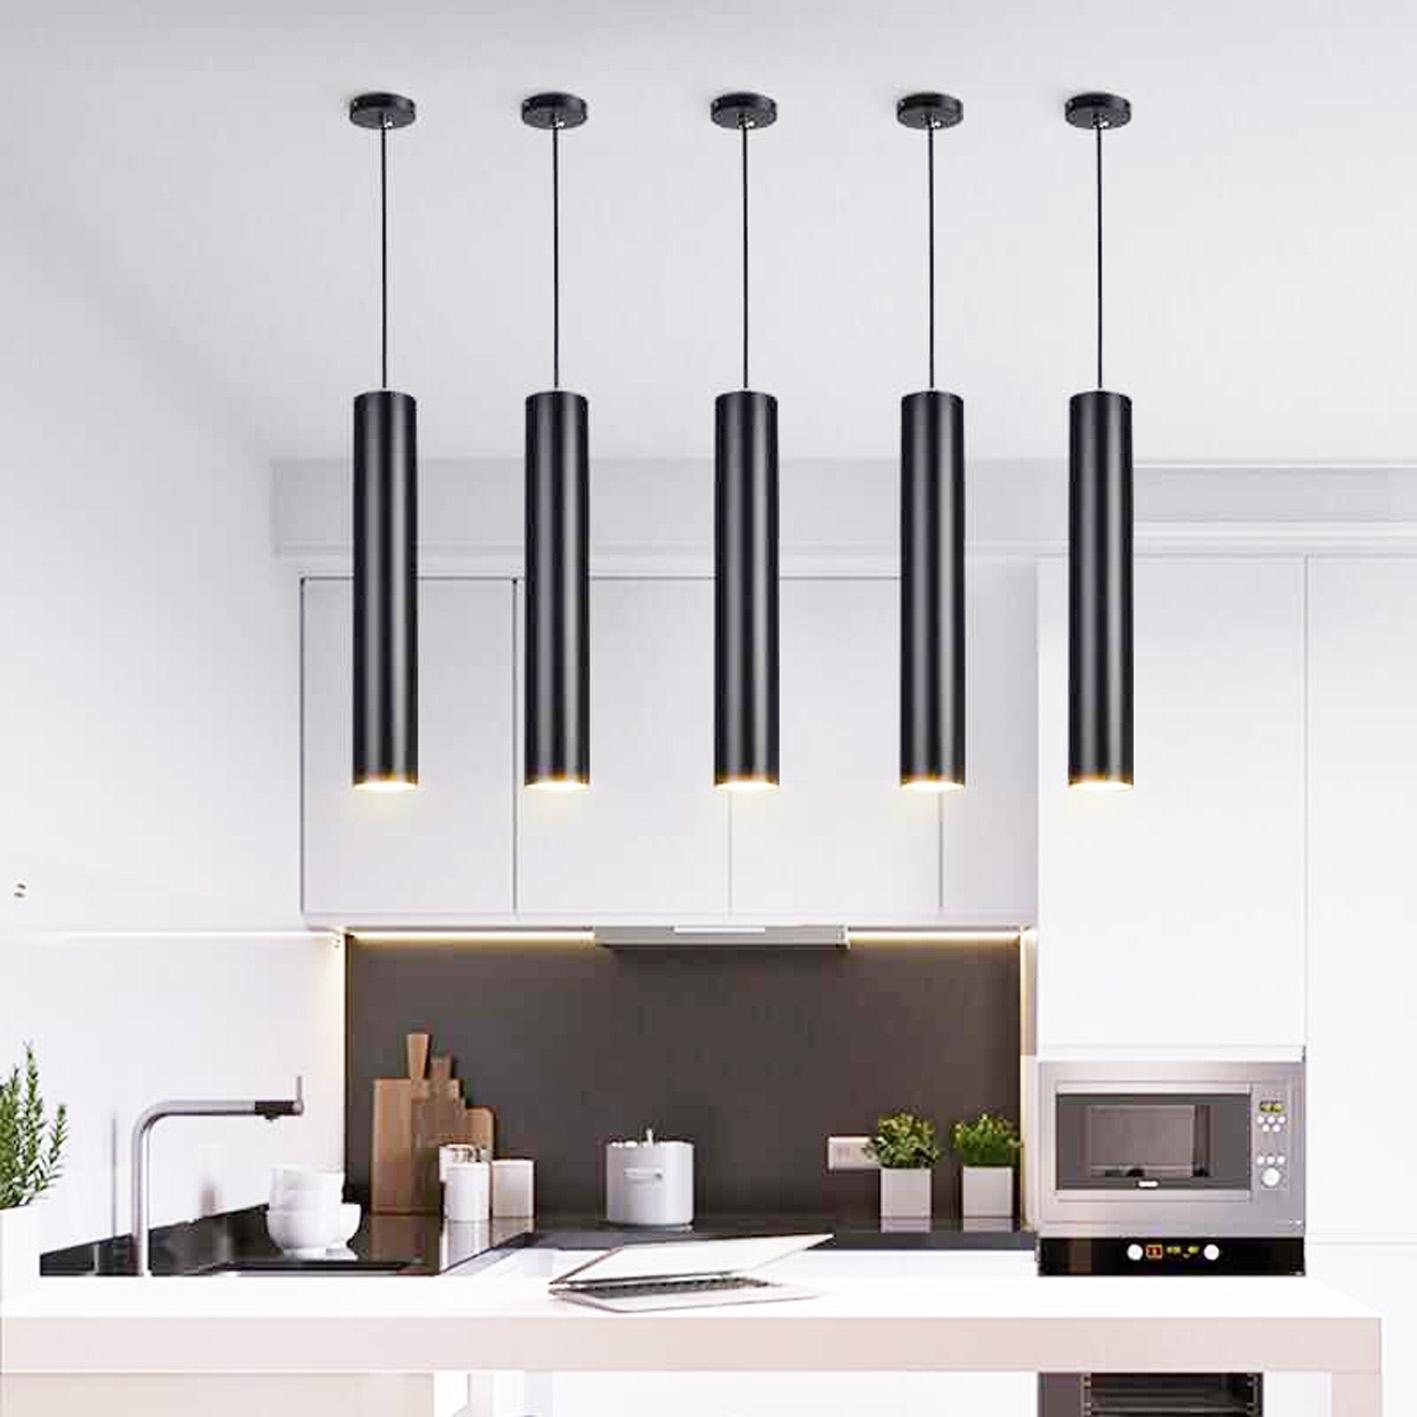 Lampade Sospensione Design.Ls2 10w Saldi Sospensione Design Lampada Da Soffitto